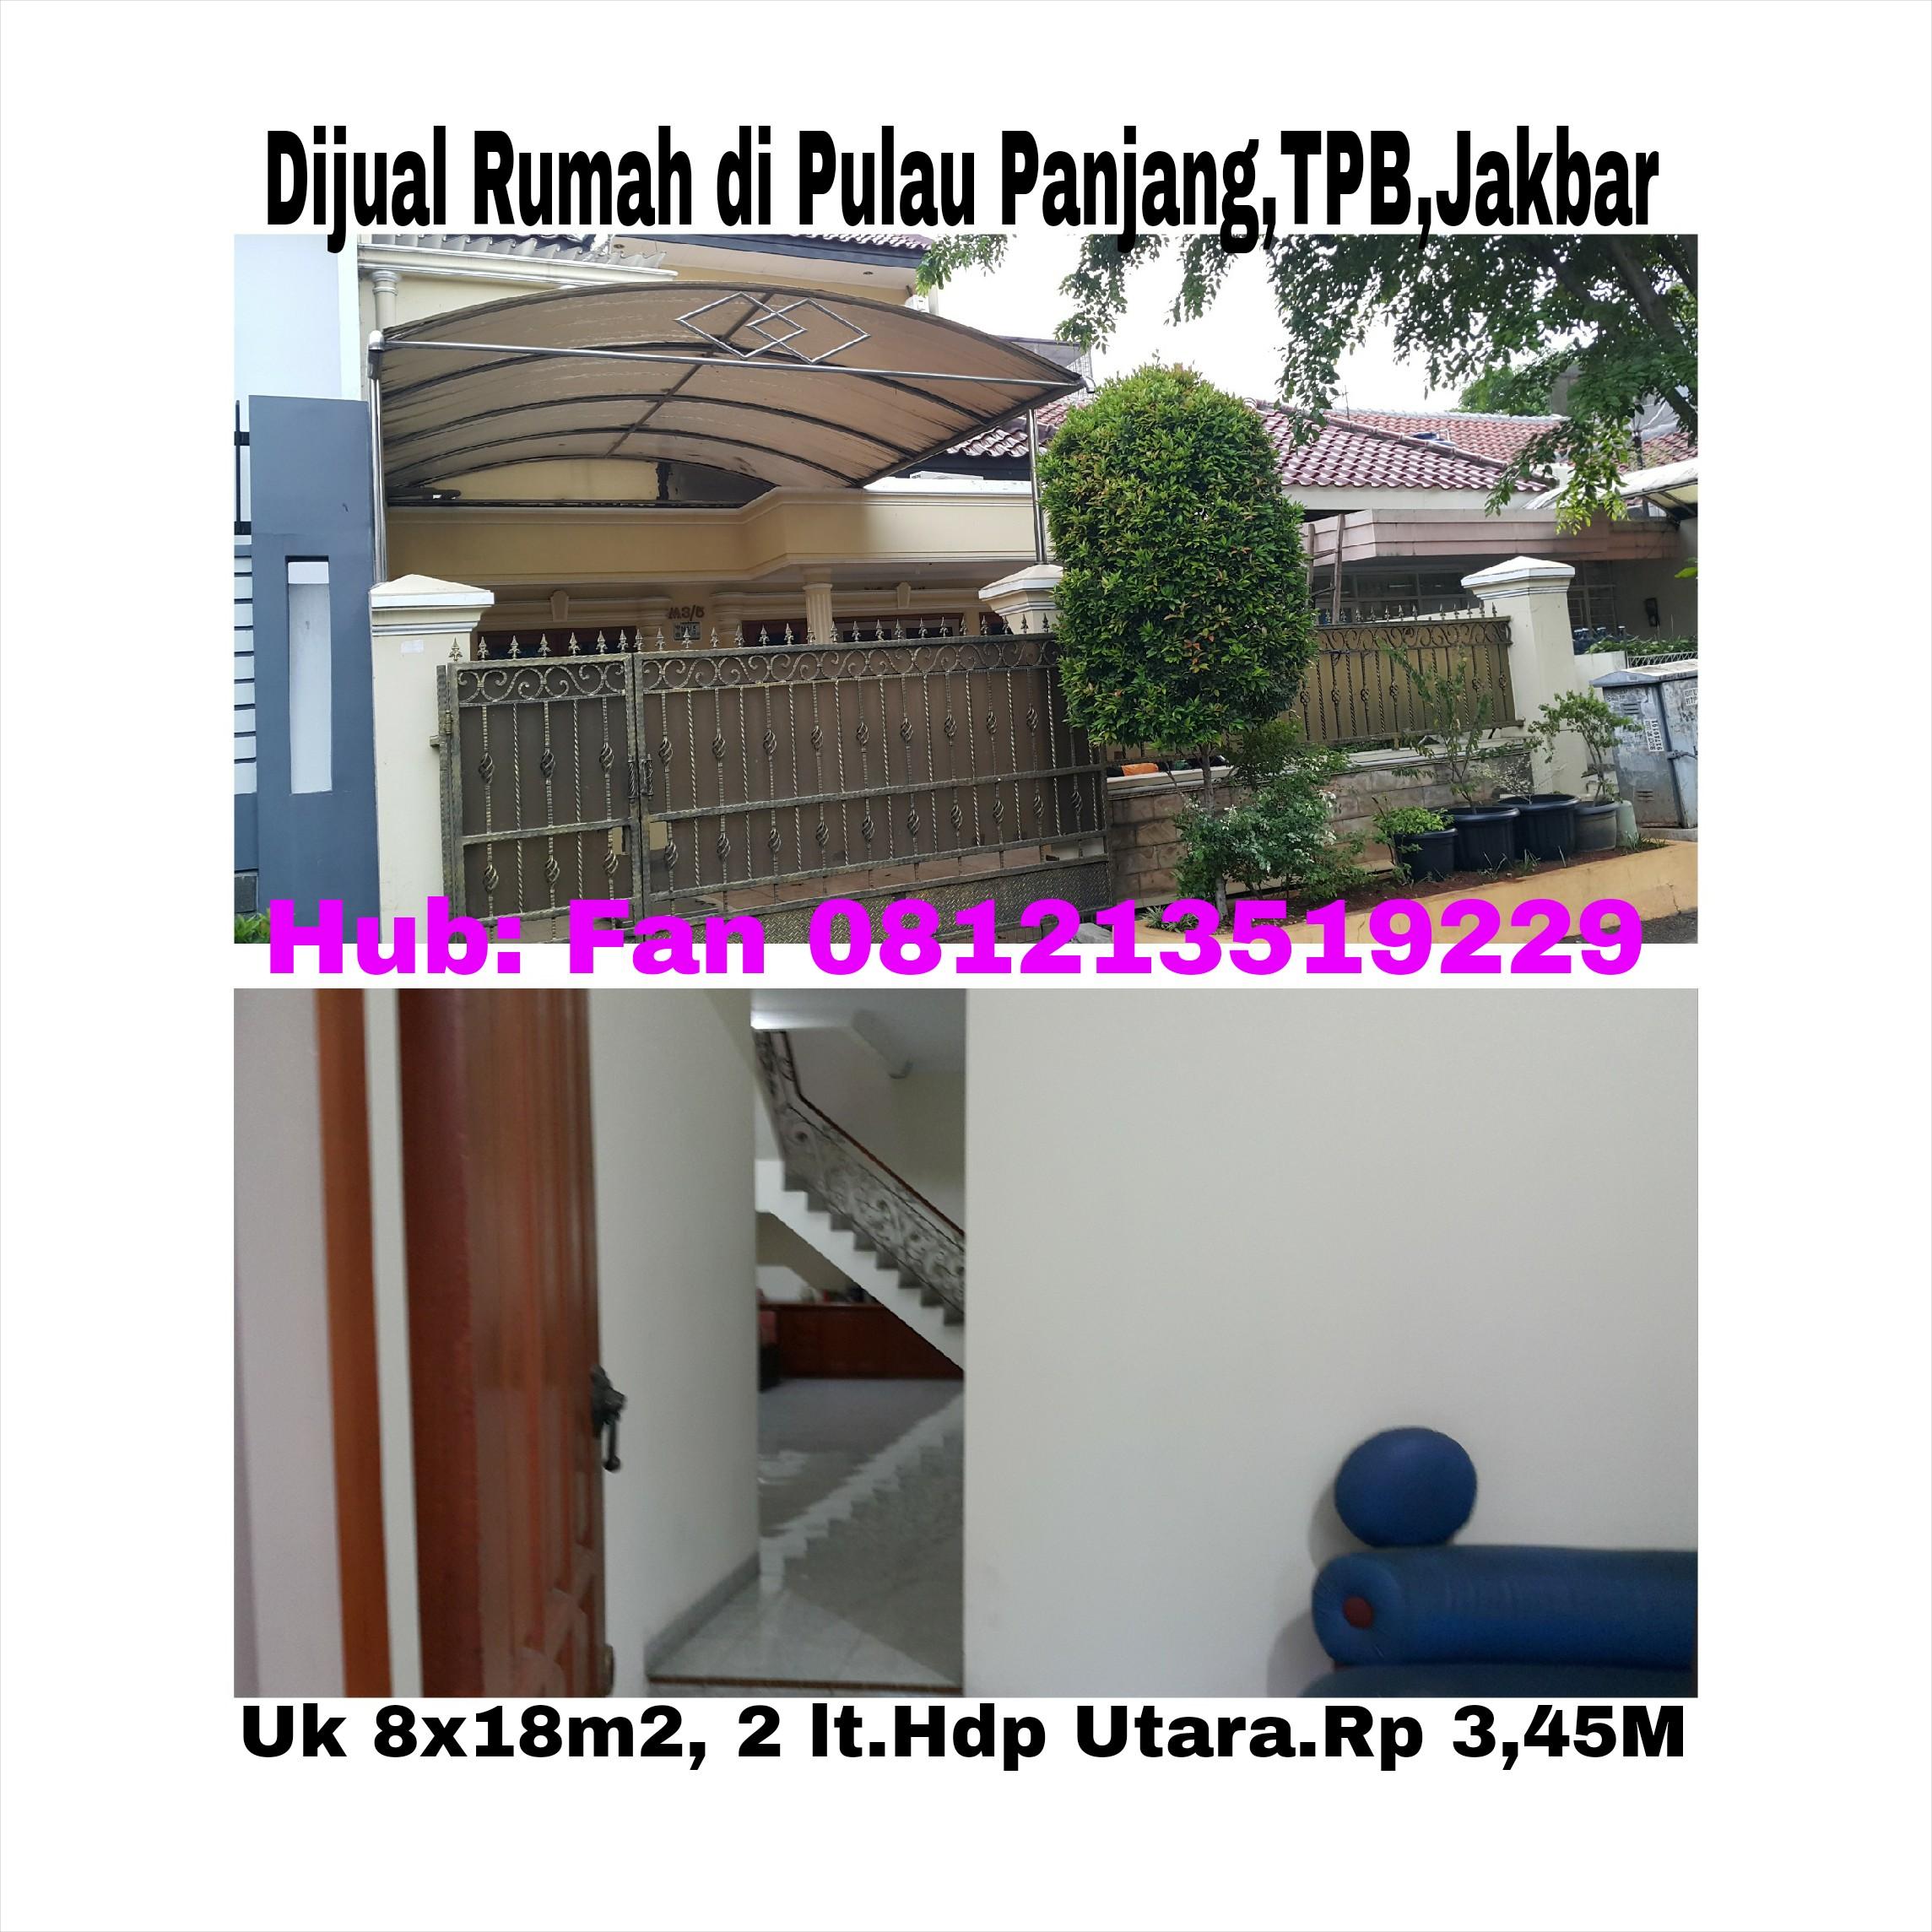 Rumah Pulau Panjang 6